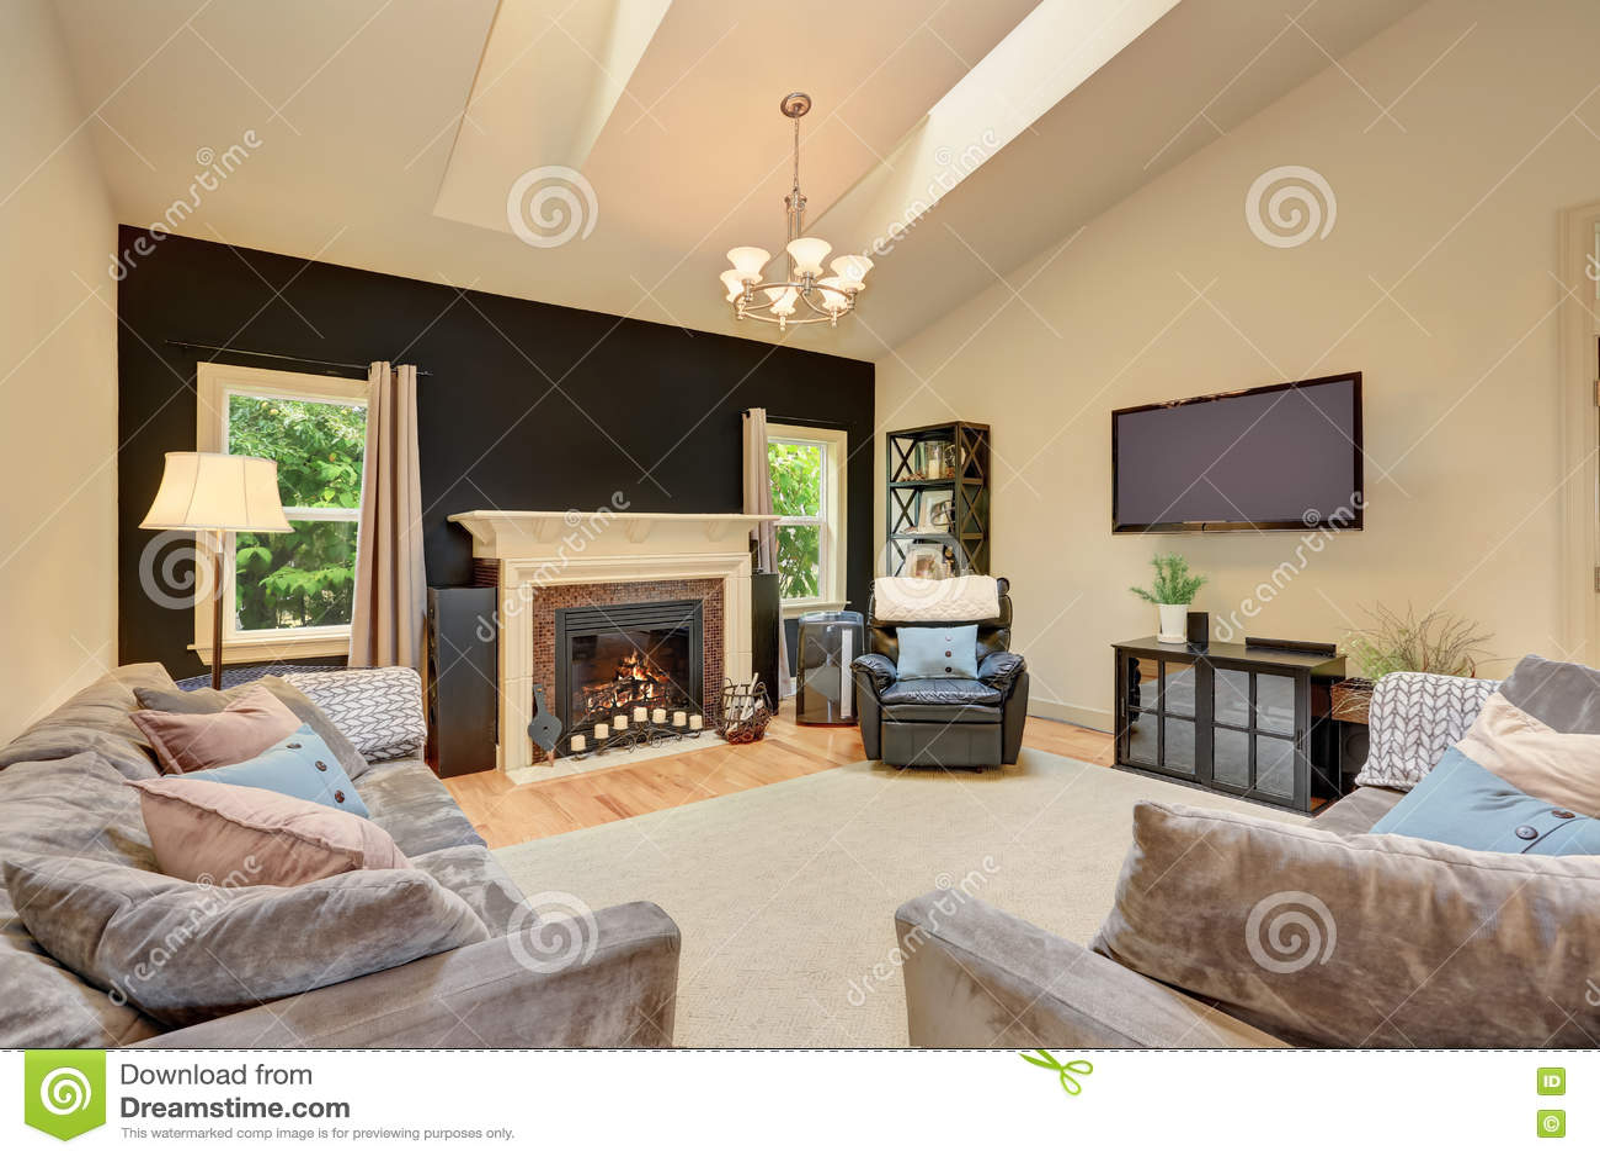 klassisches amerikanisches wohnzimmer mit kamin und sofas stockfoto bild 75674014. Black Bedroom Furniture Sets. Home Design Ideas